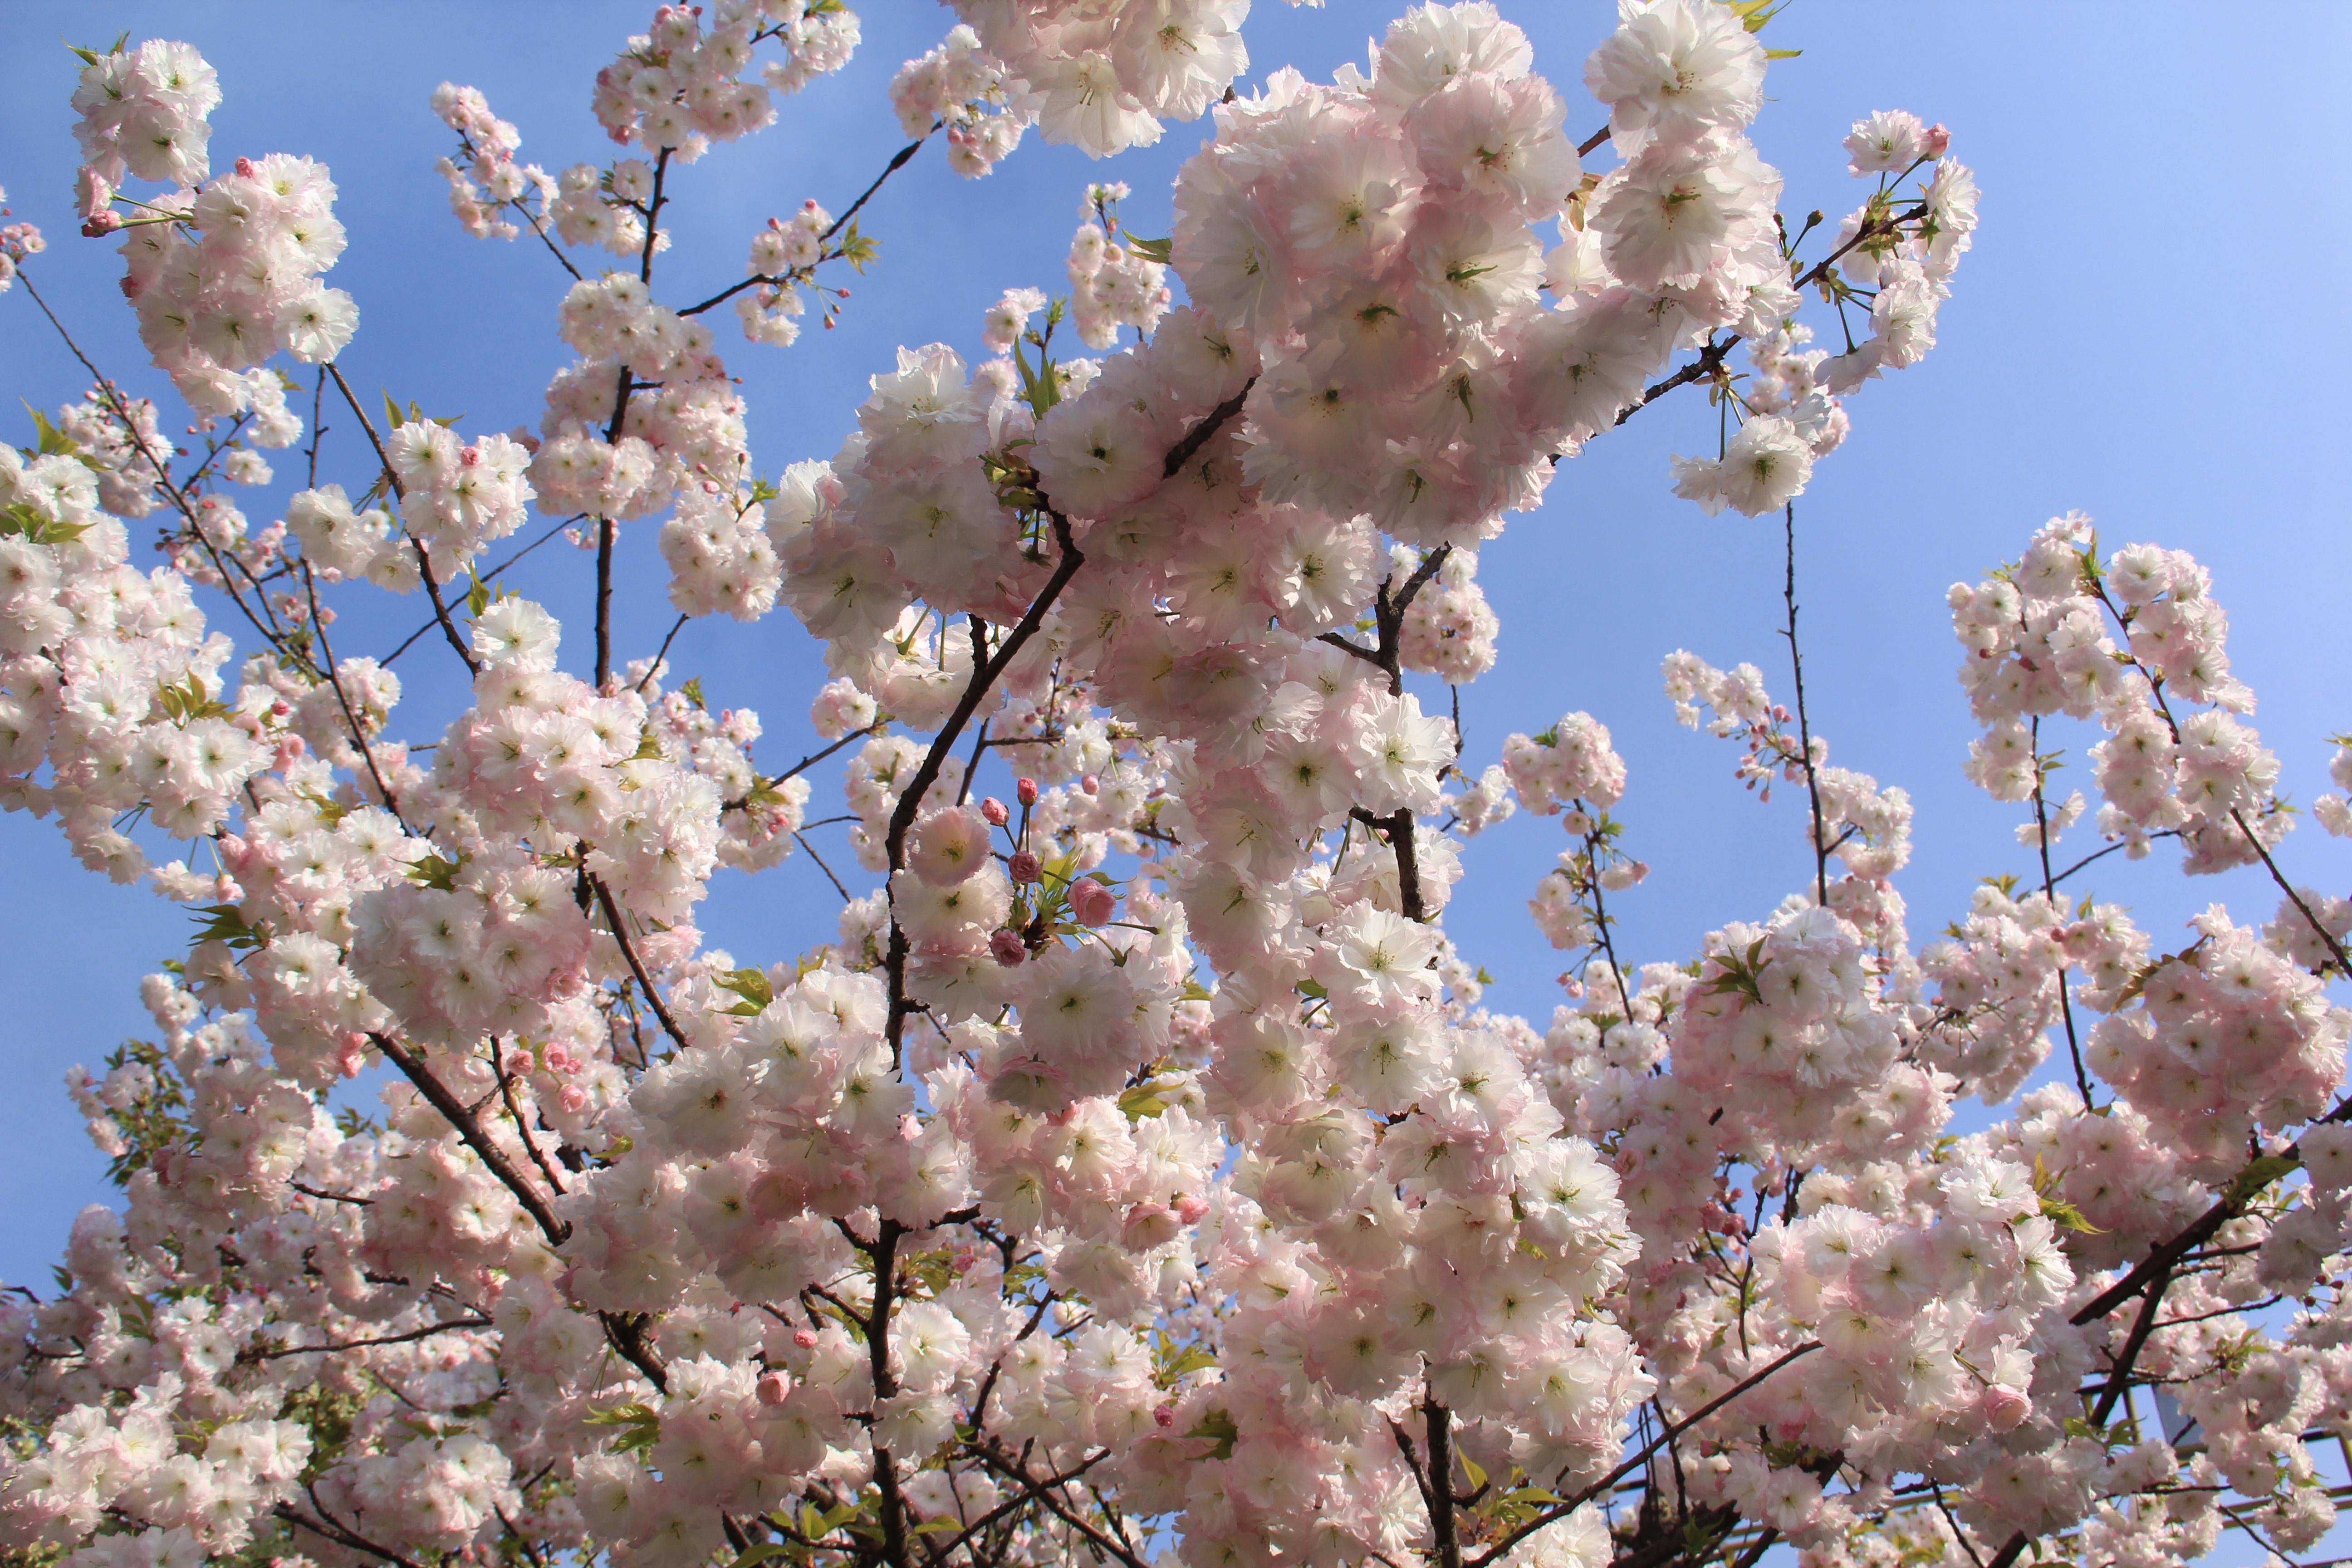 【美丽汉钢】美翻了,一起到汉钢踏春观花吧!